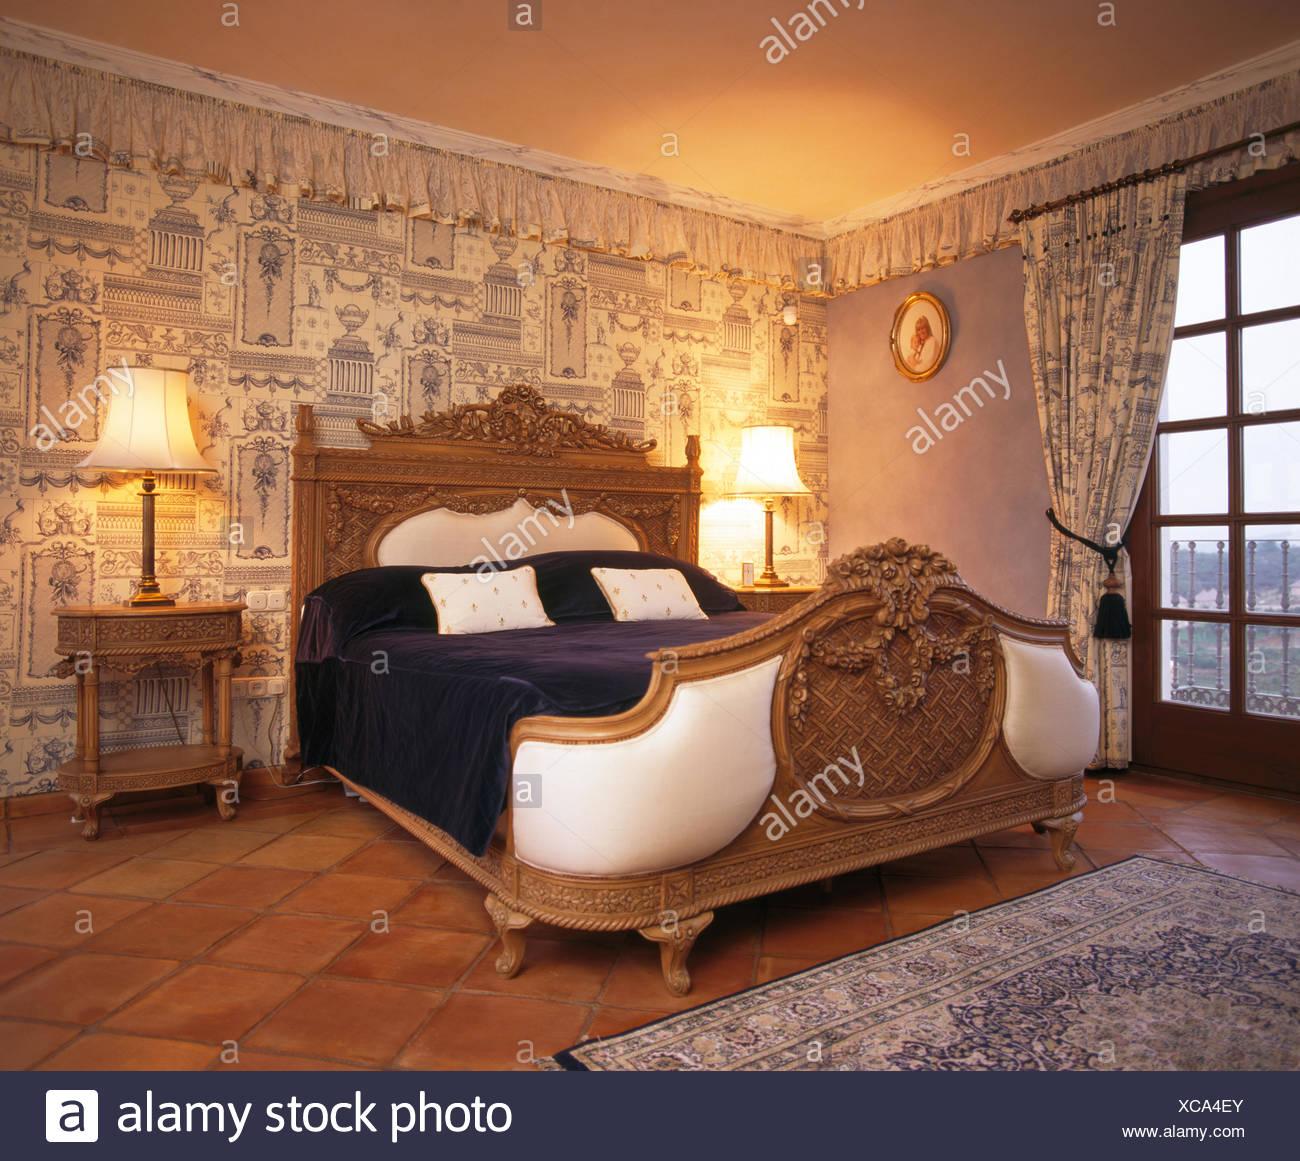 Ornati in legno intagliato bed in spagnolo camera da letto ...